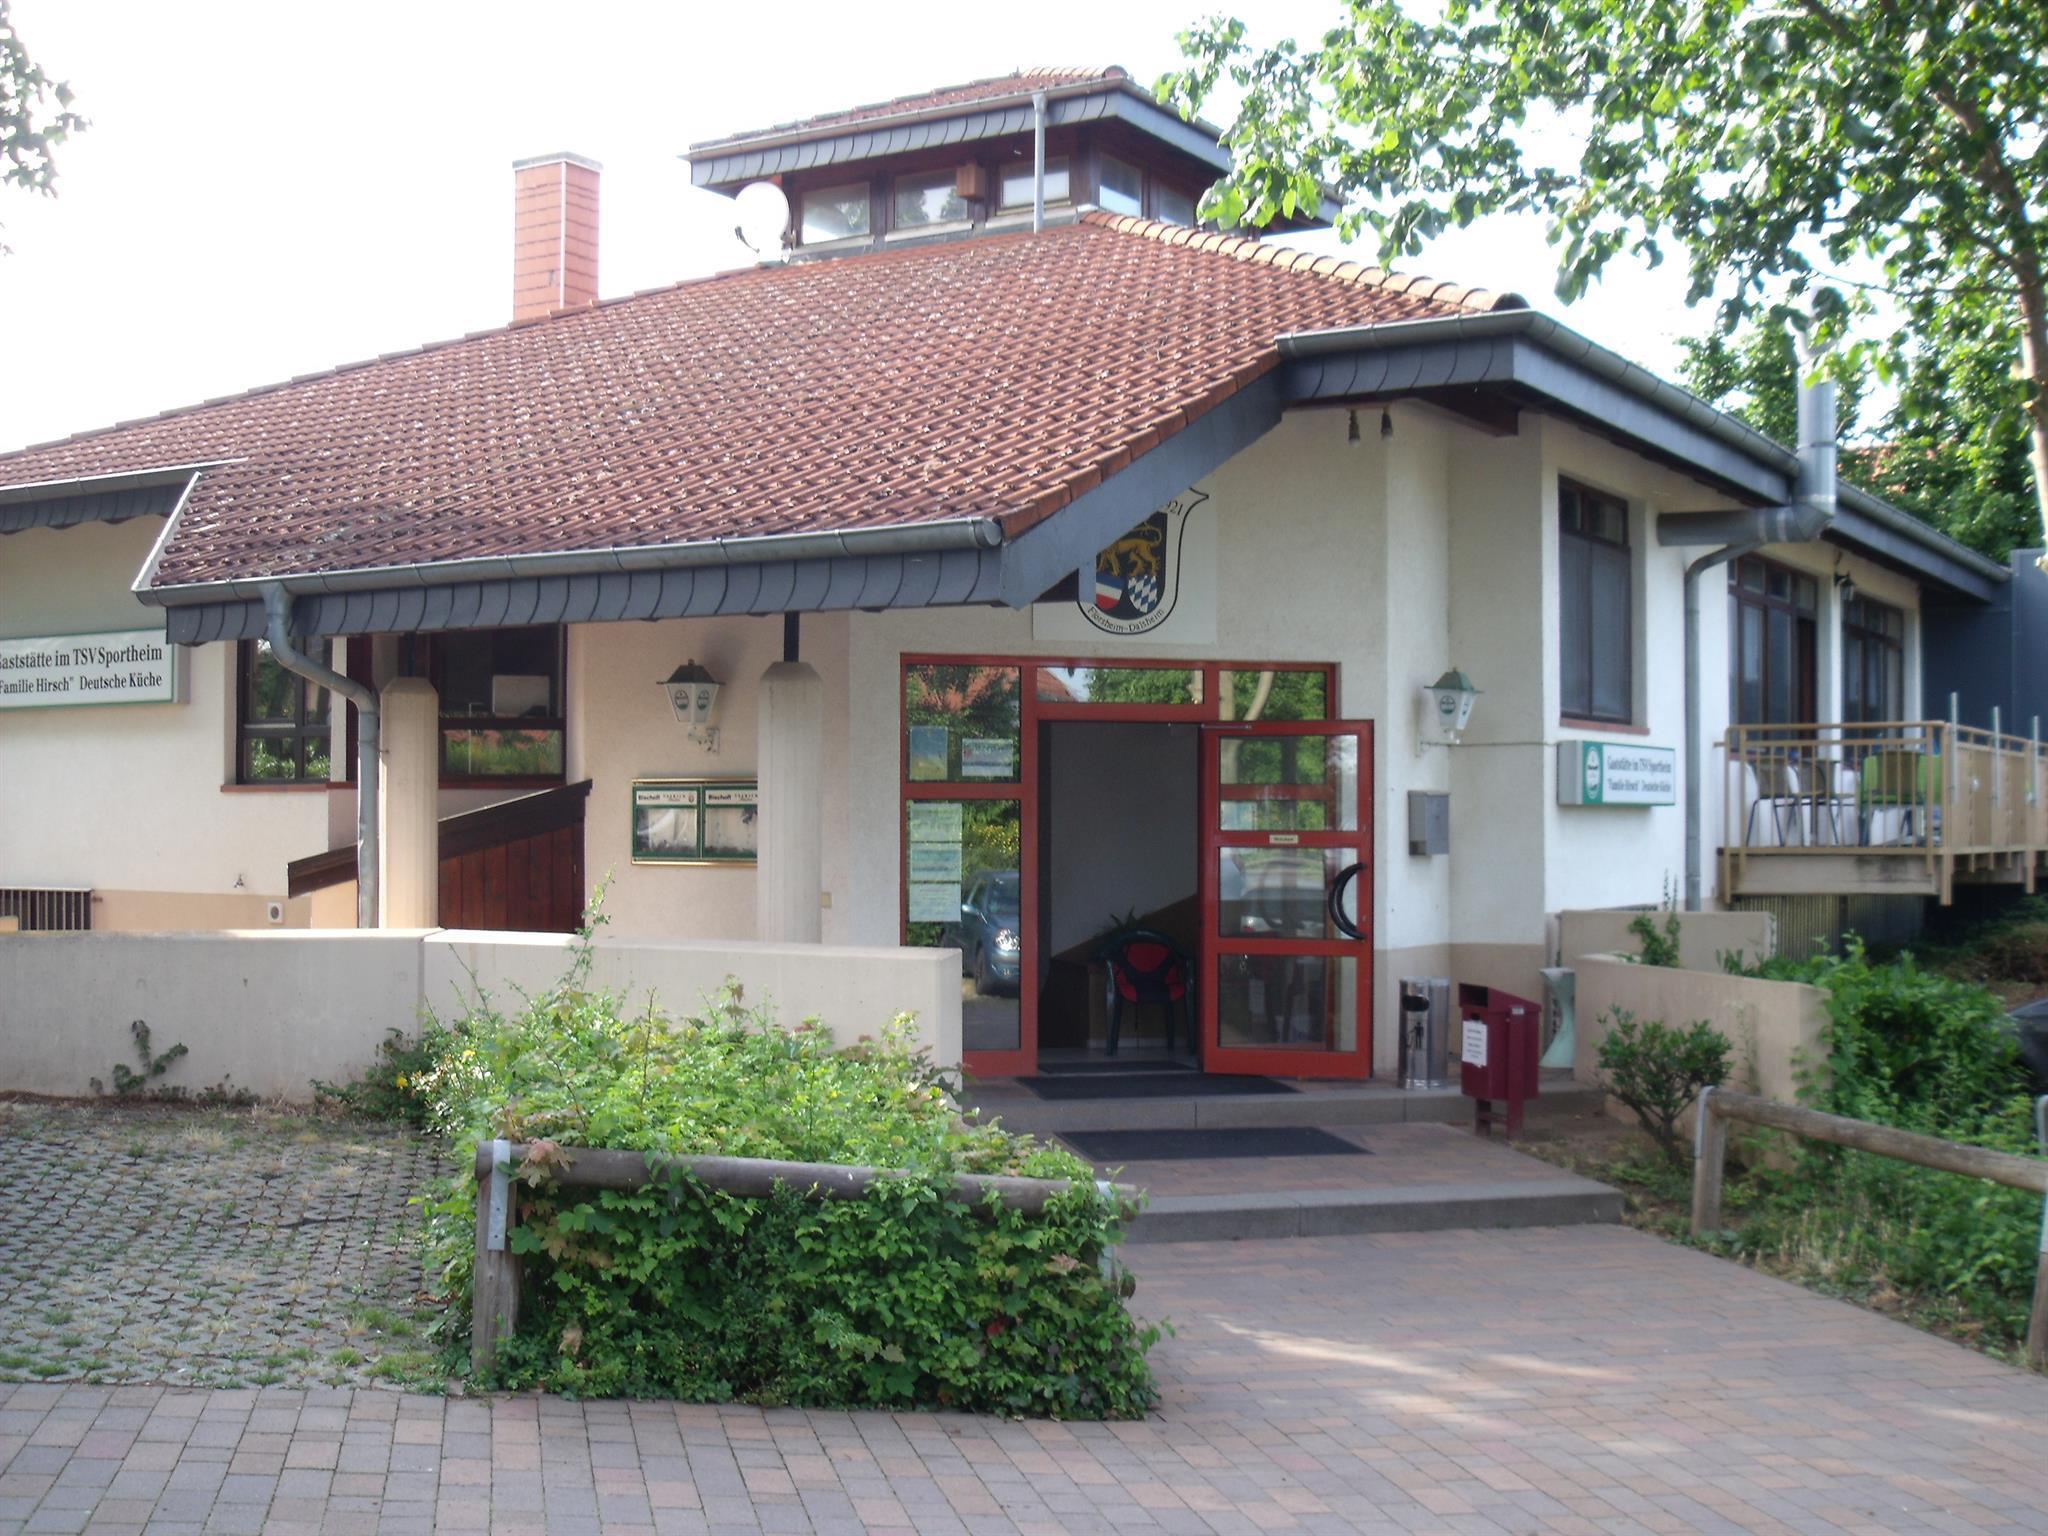 Gastronomie Wirtschaftsforderungsgesellschaft Alzey Worms